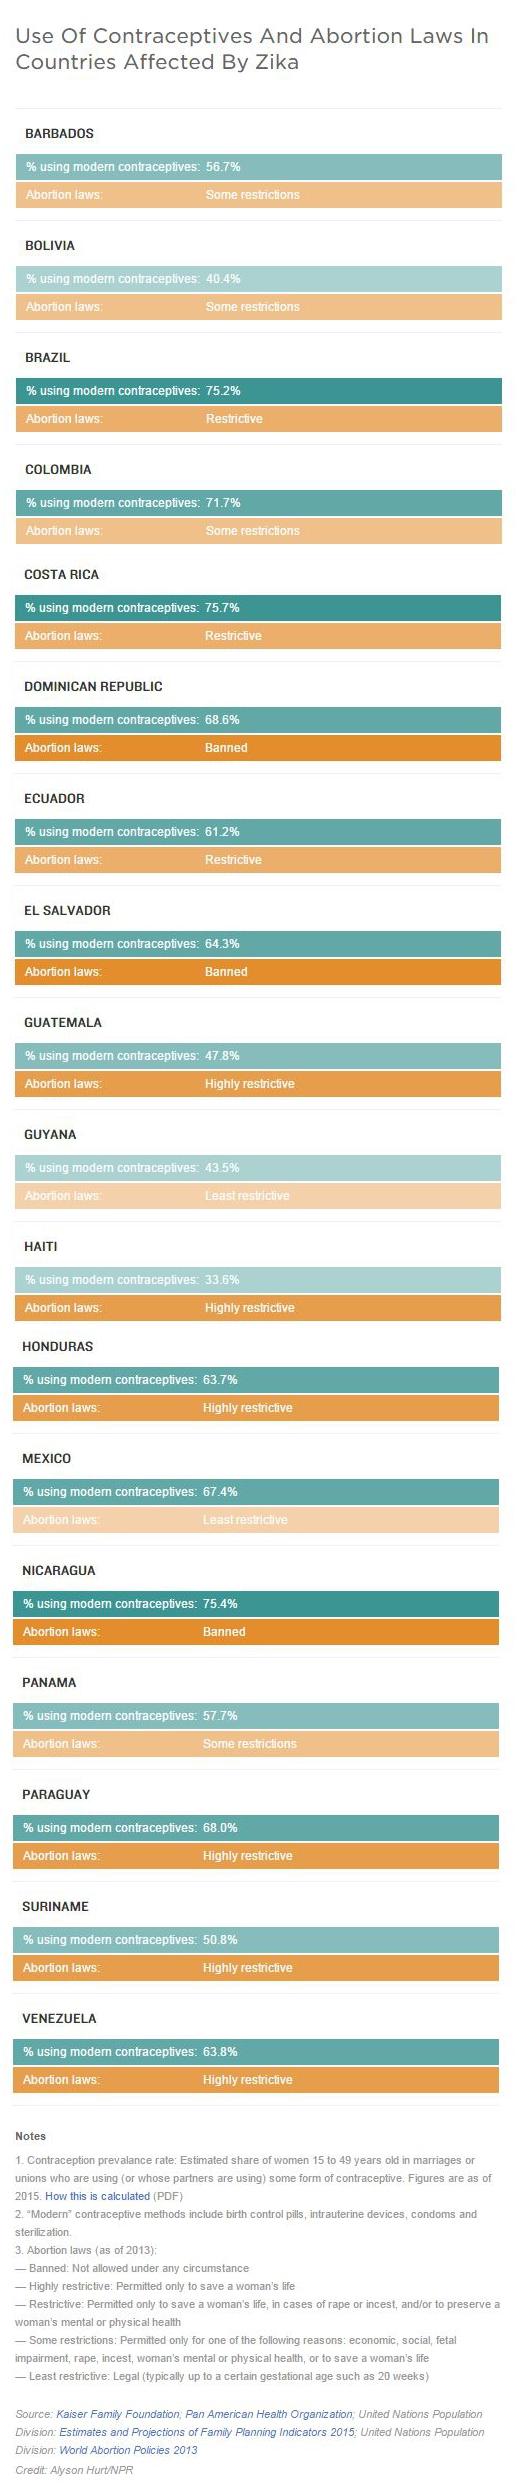 zika chart